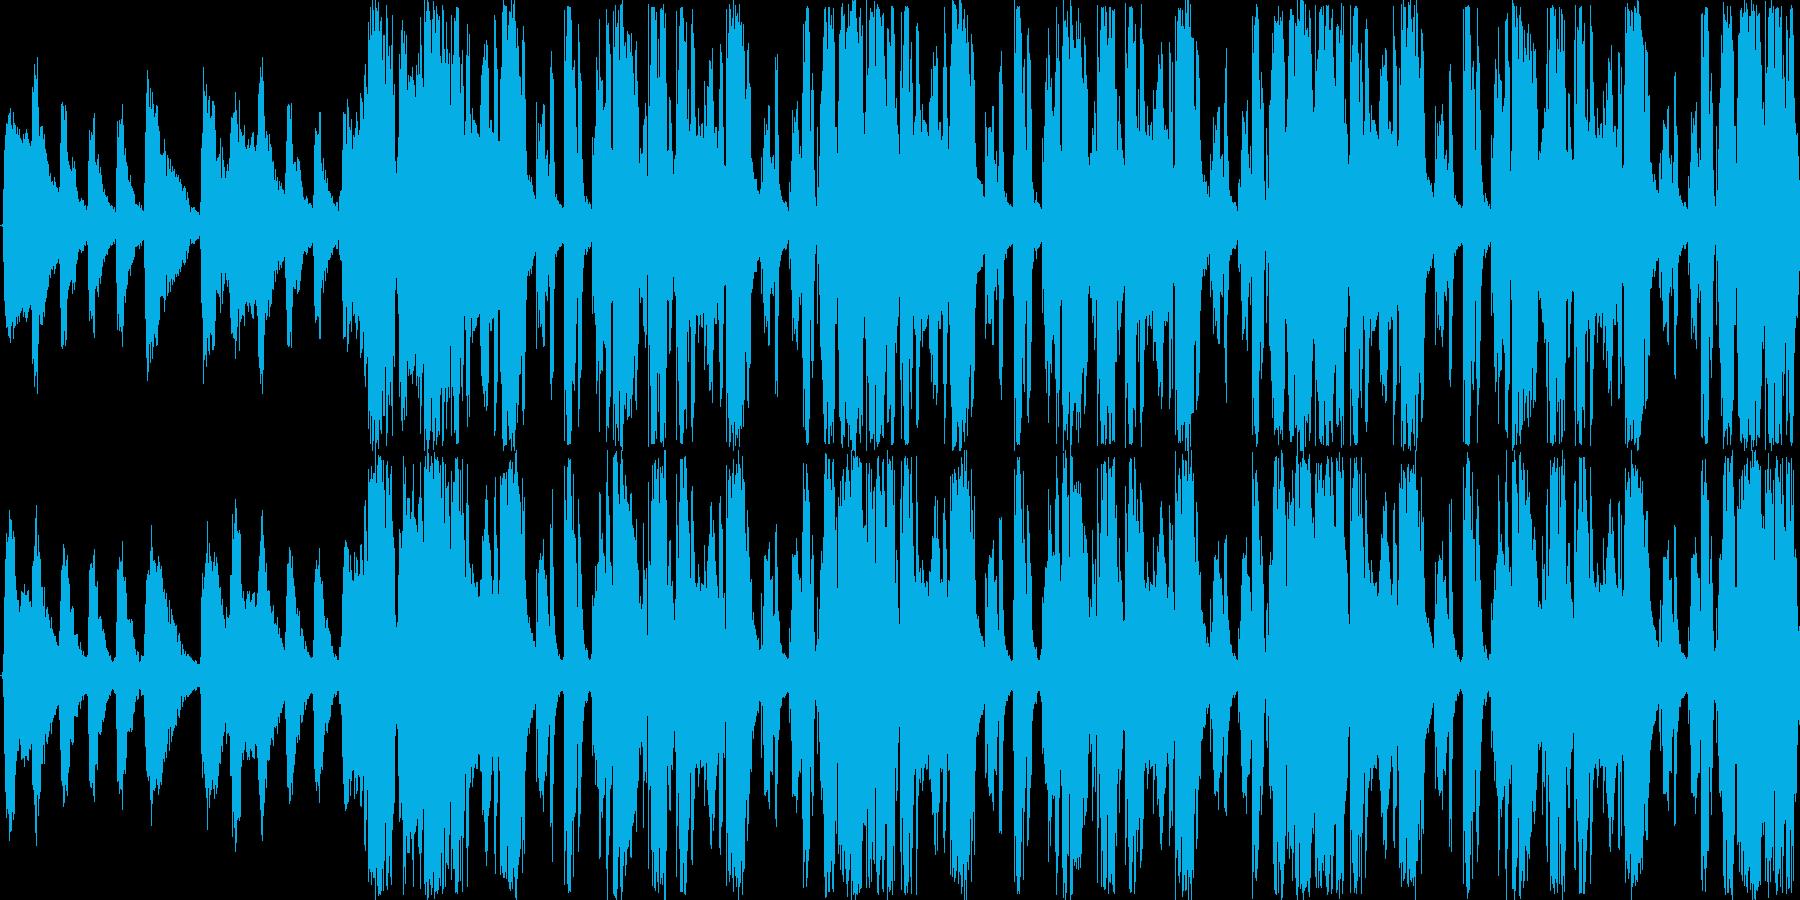 【ストリングス/ヒップホップ】の再生済みの波形